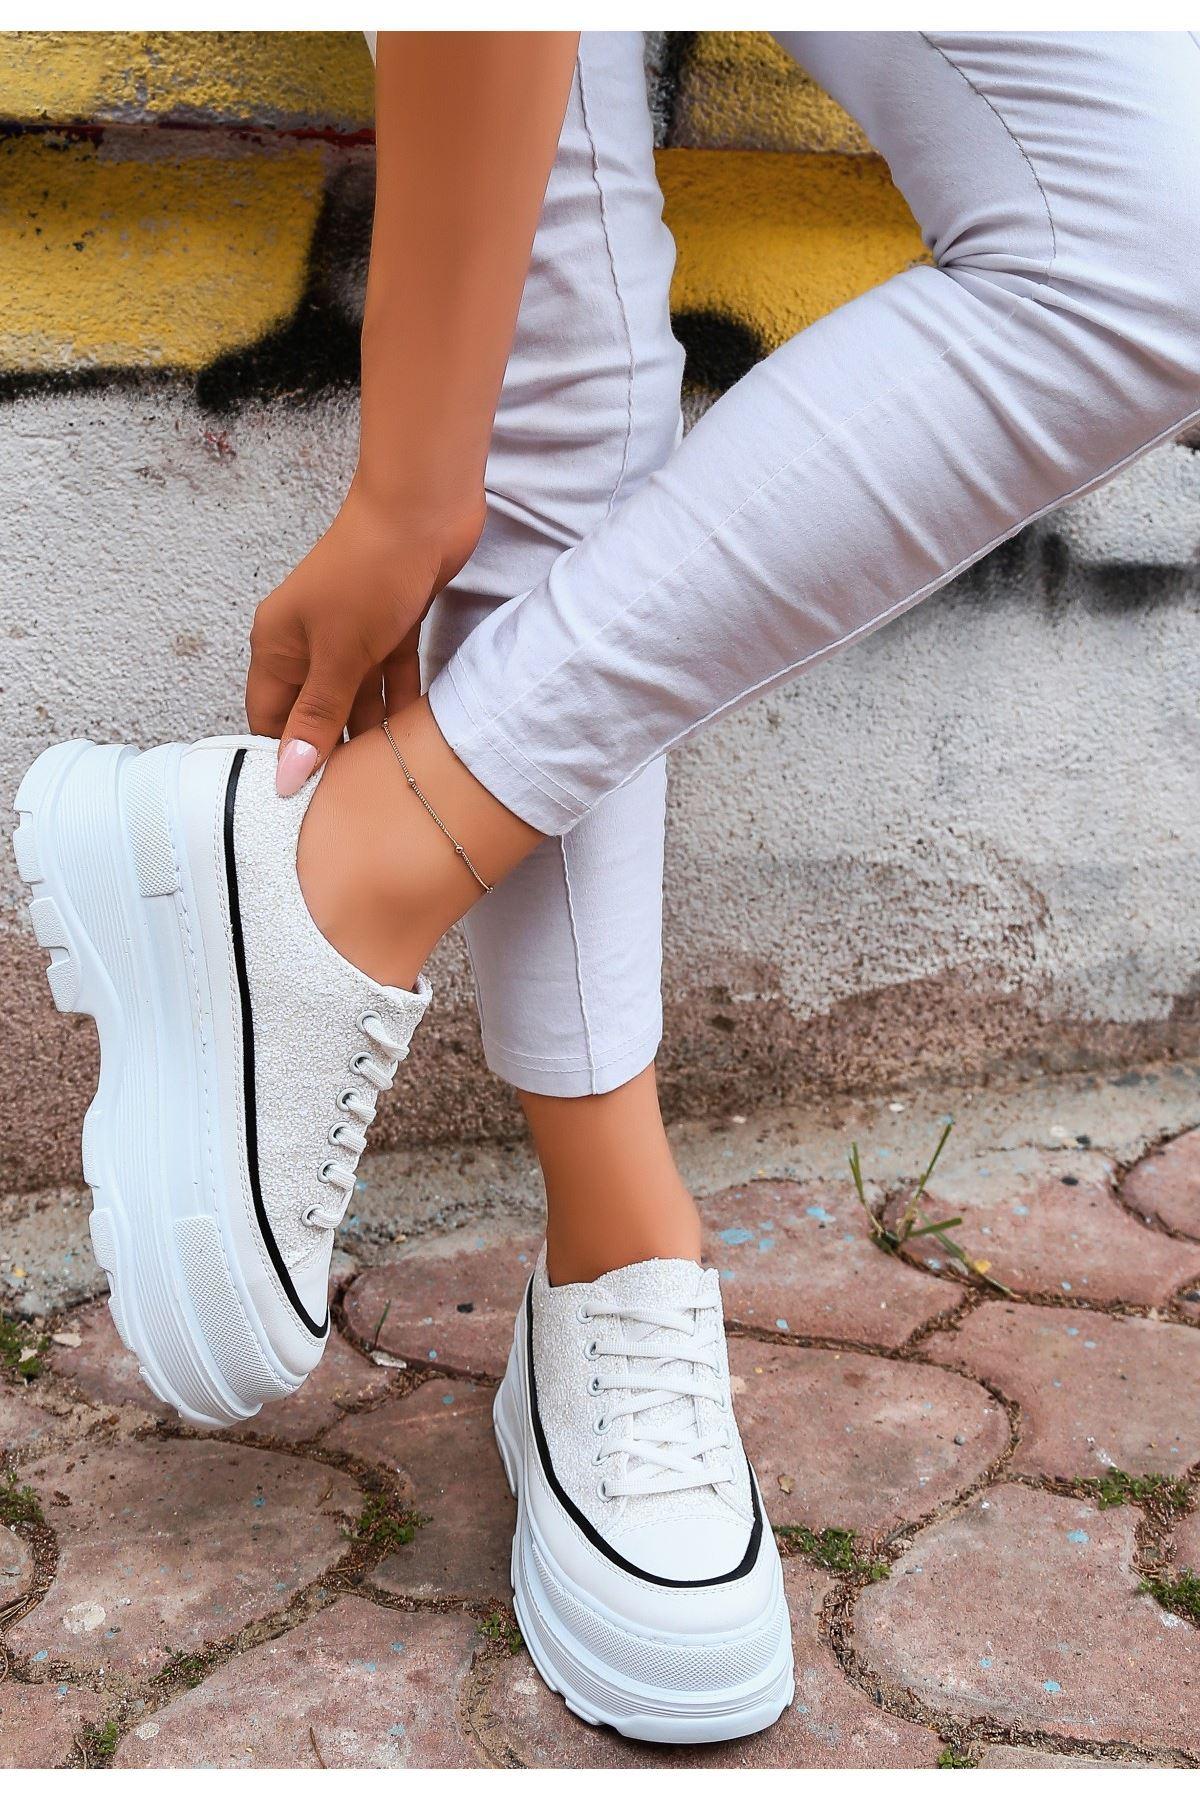 Bery Beyaz Cilt Sedef Simli Bağcıklı Spor Ayakkabı